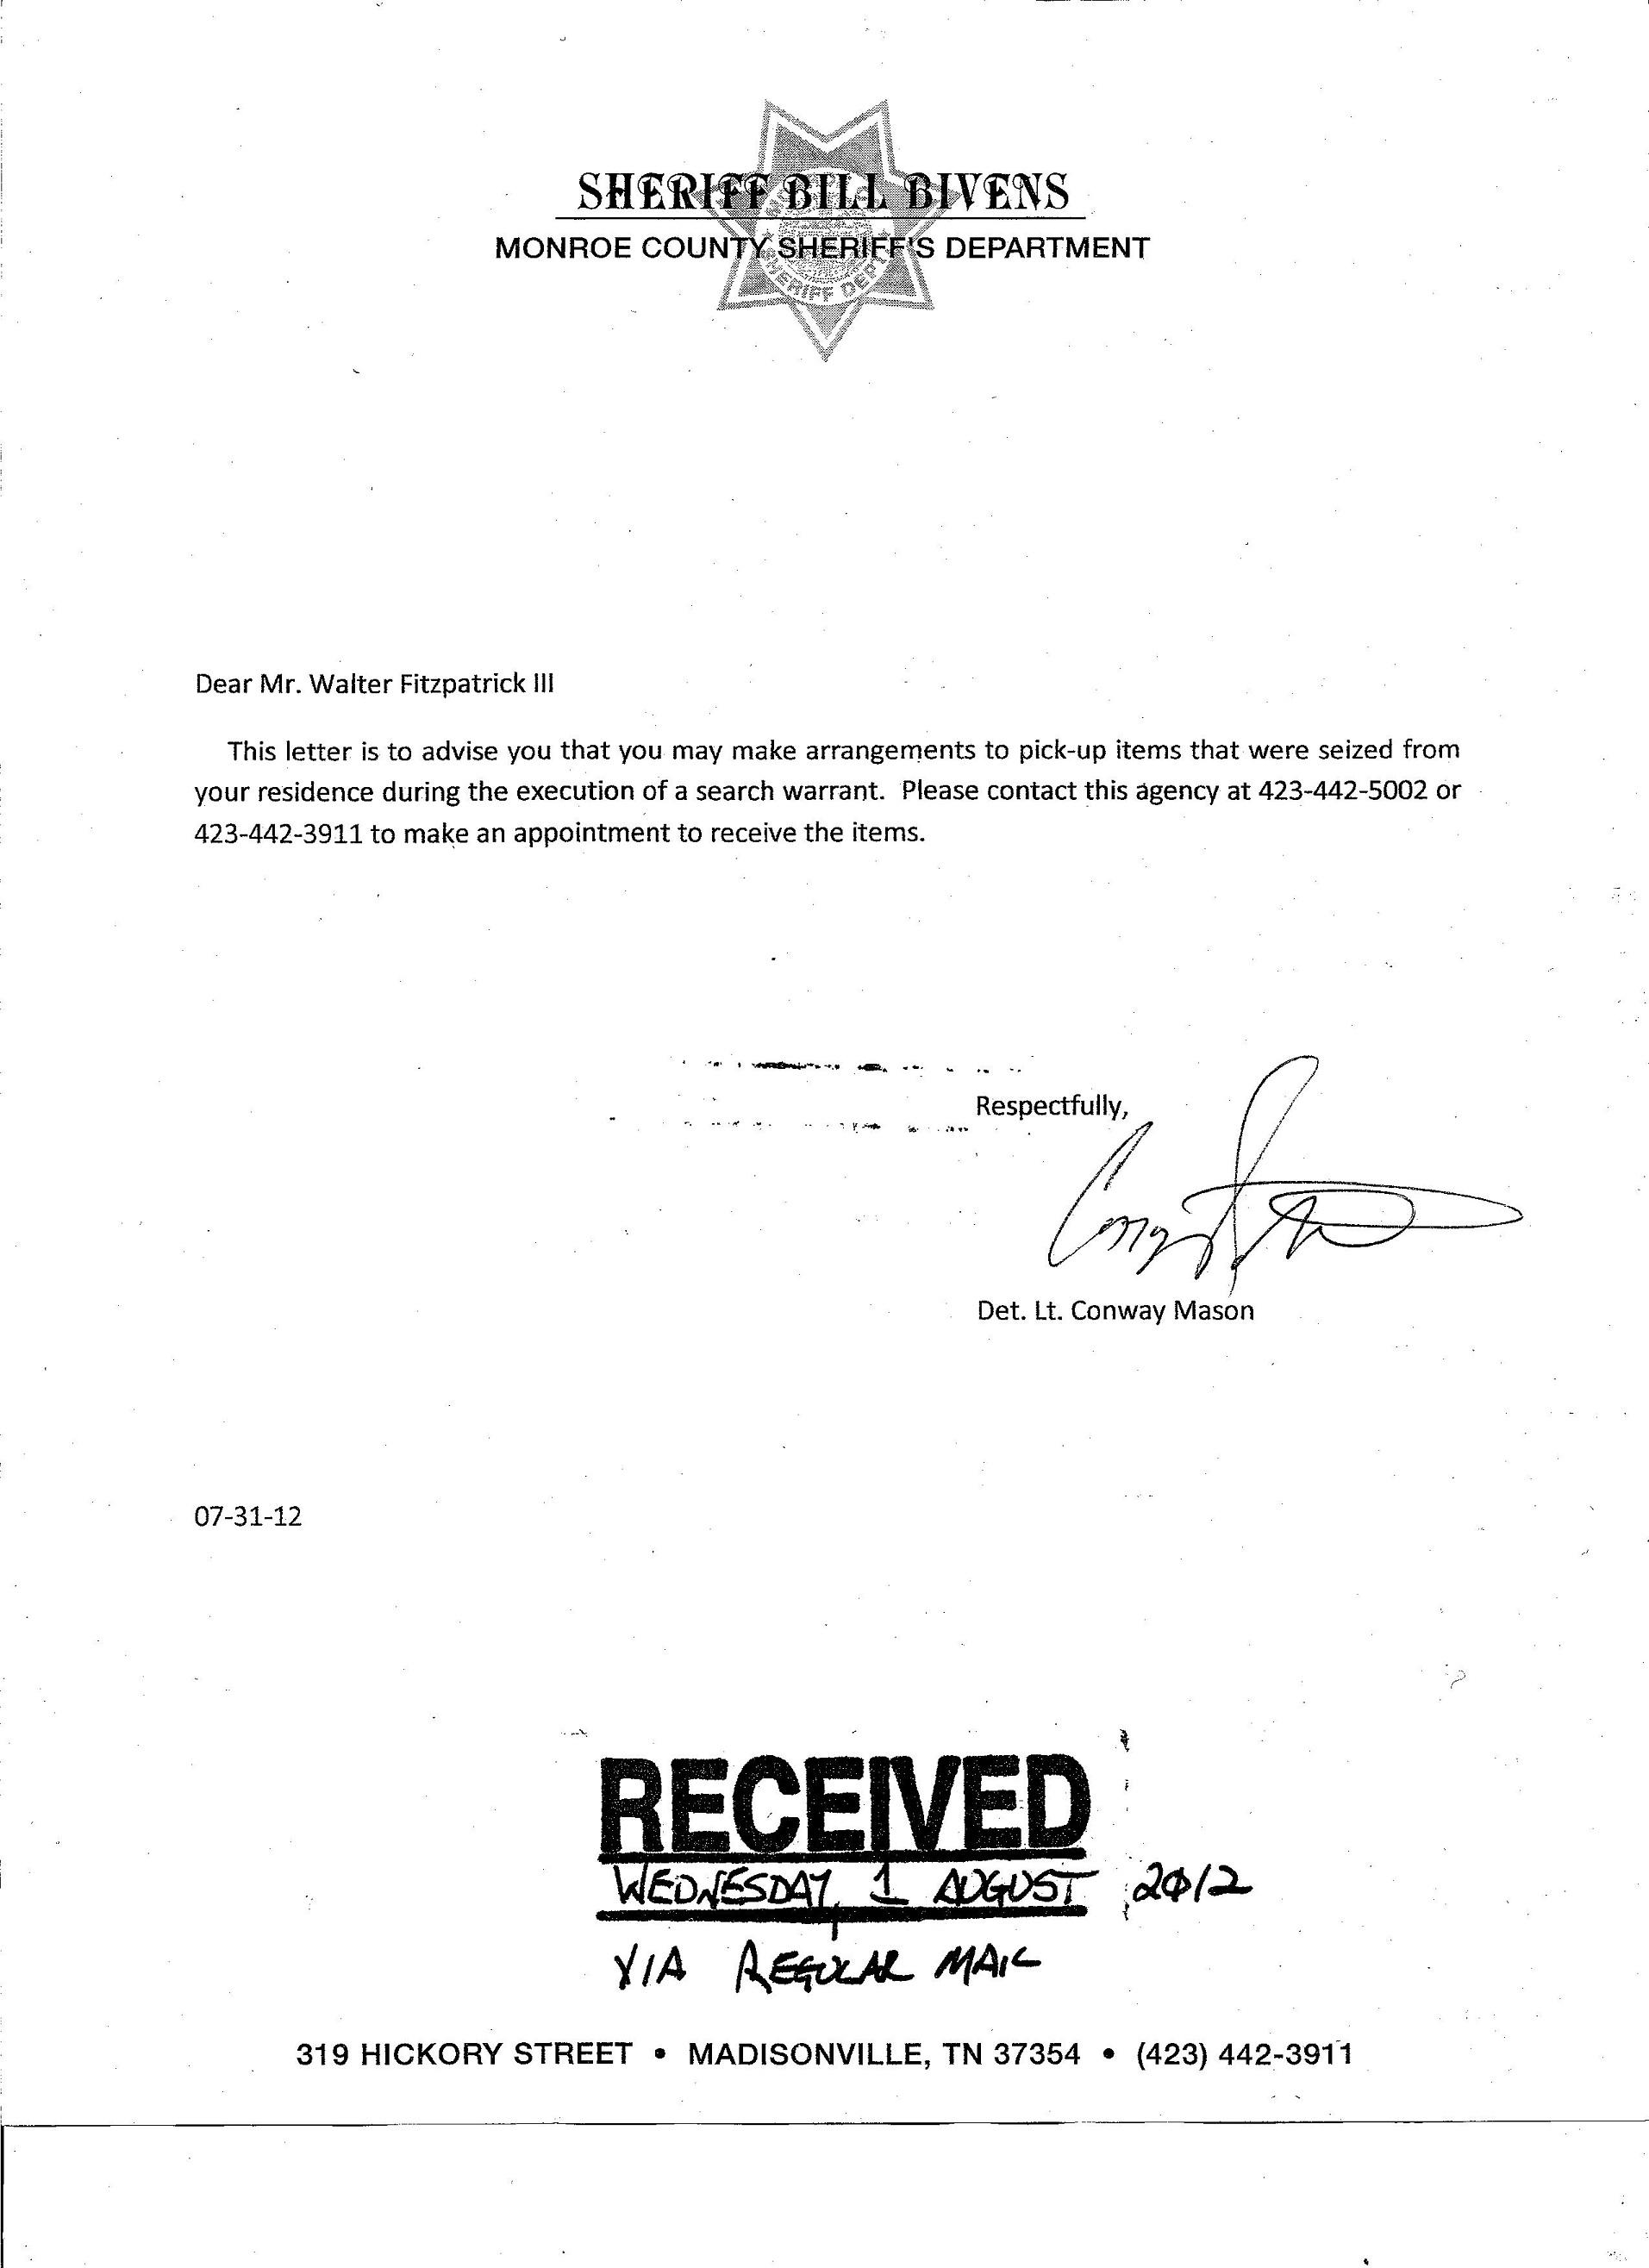 Bill Bivens Equipment Letter letterhead